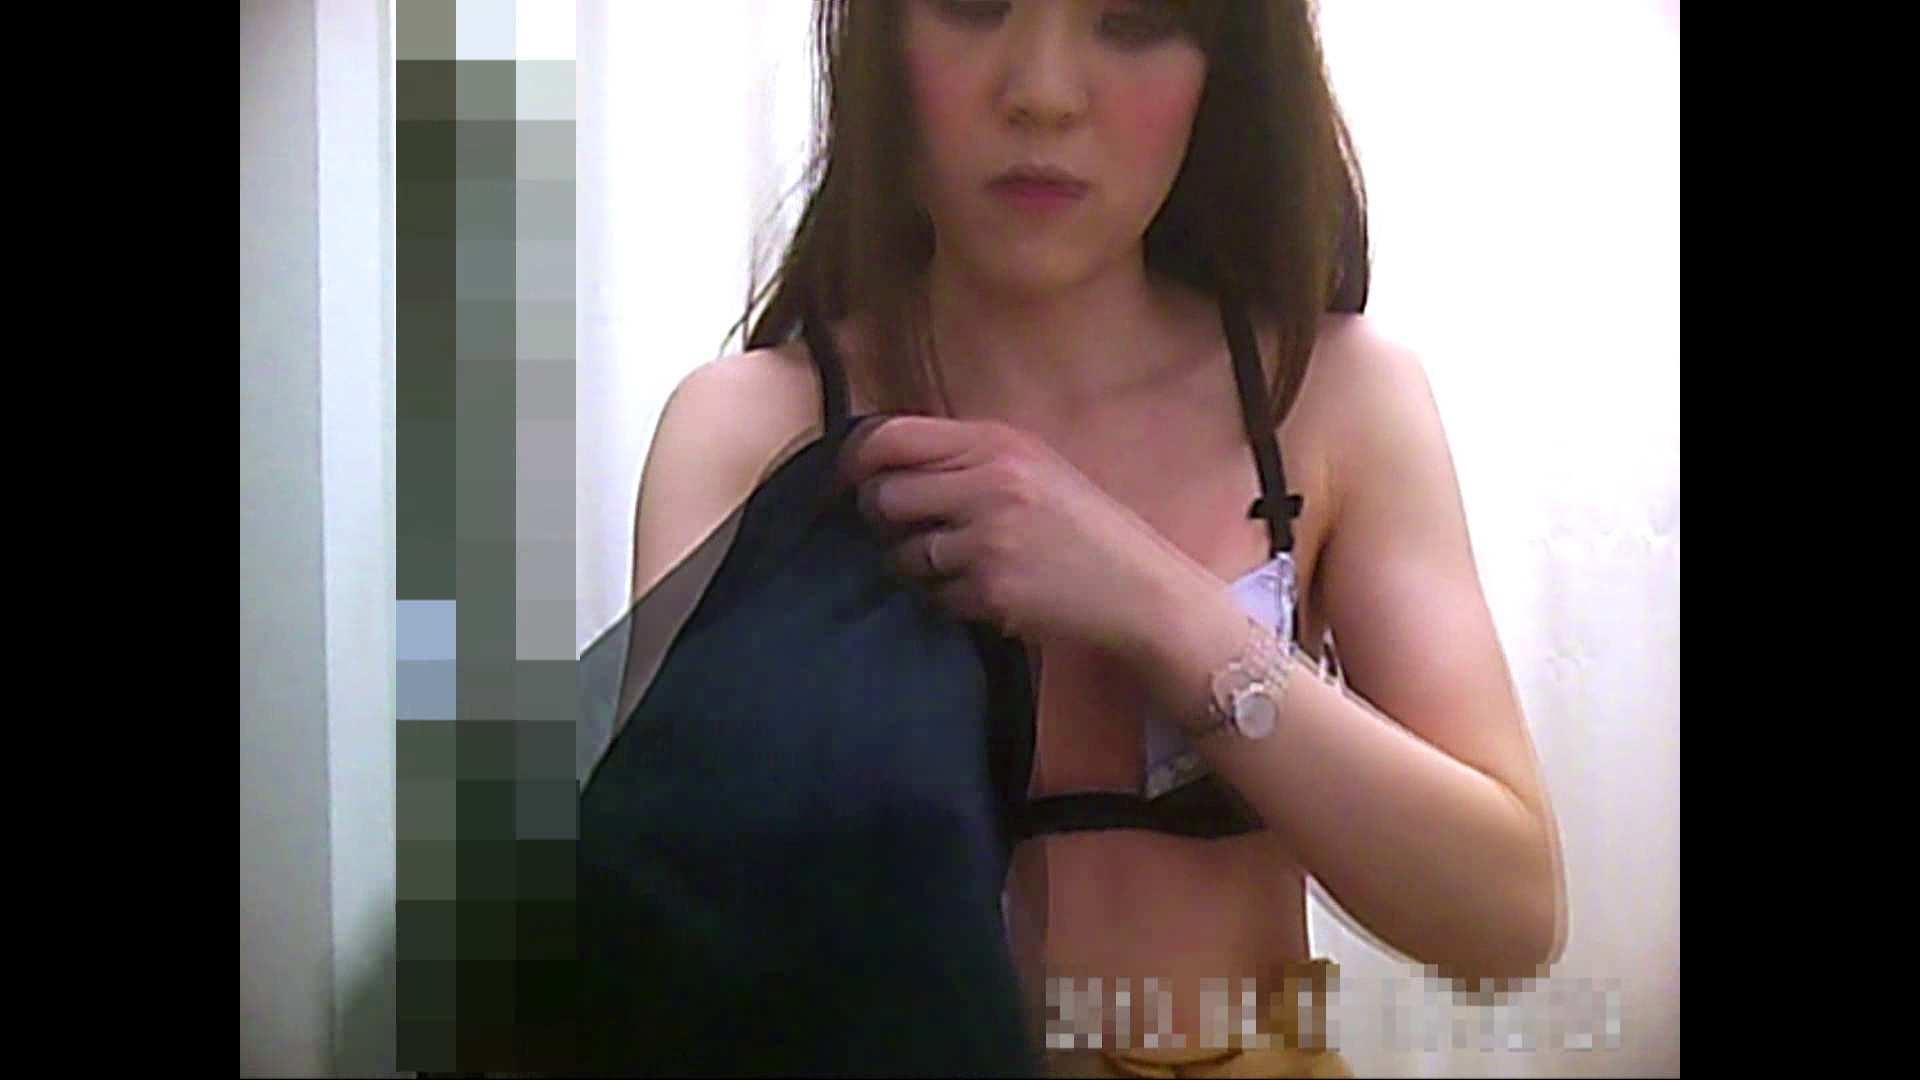 元医者による反抗 更衣室地獄絵巻 vol.093 OL | 0  93連発 69